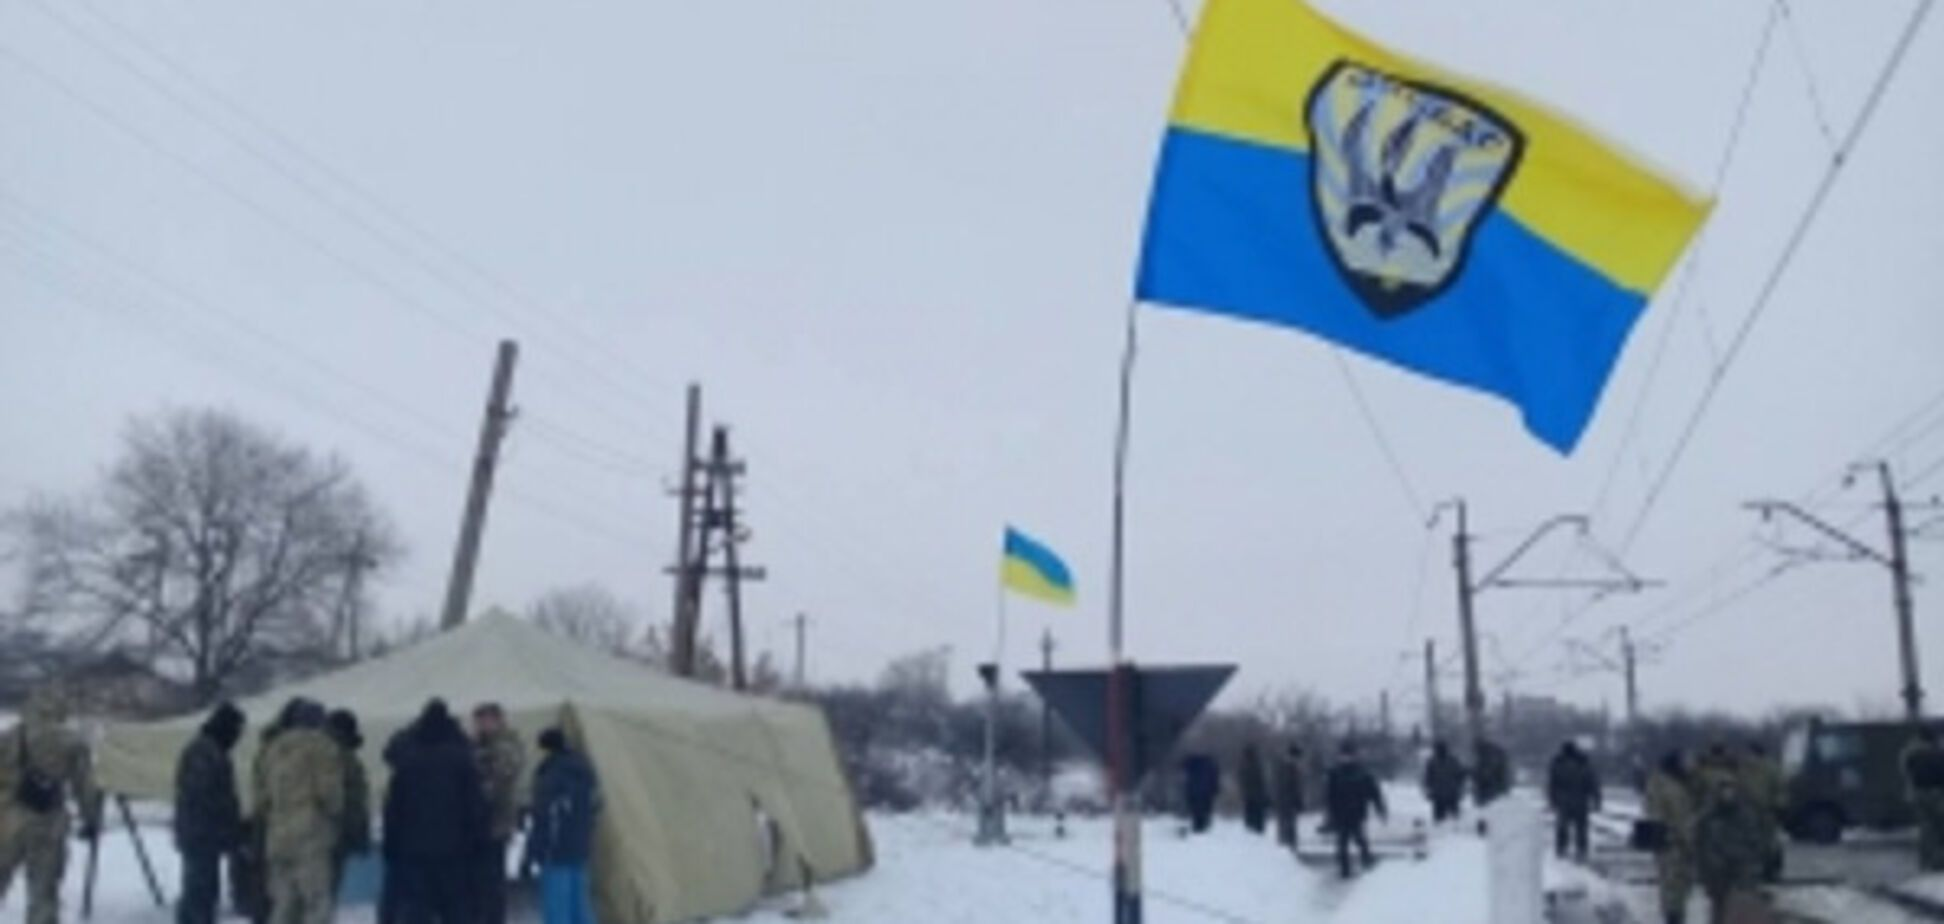 Блокада ж/д сообщения на Донбассе угрожает украинской экономике - профсоюзы